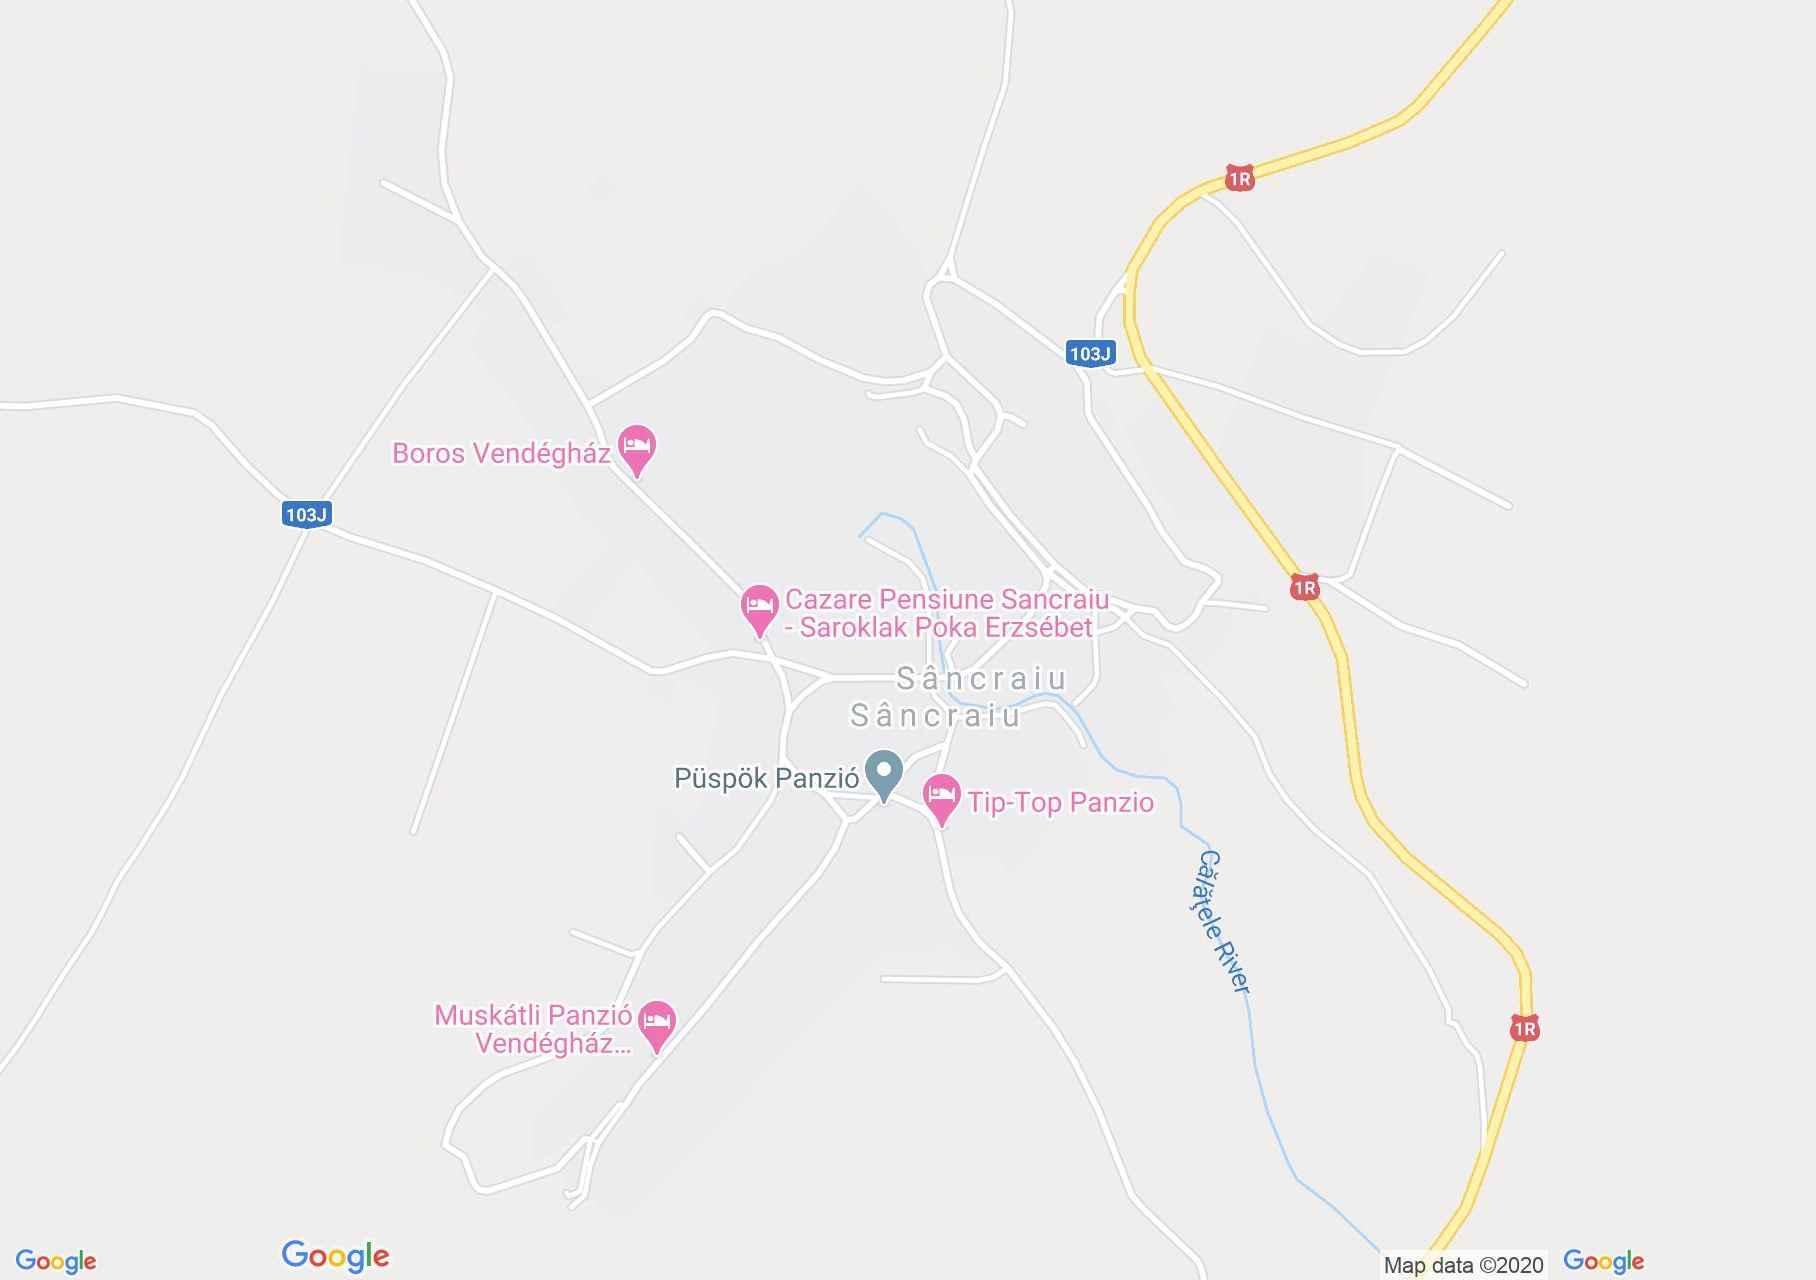 Sâncraiu, Harta turistică interactivă